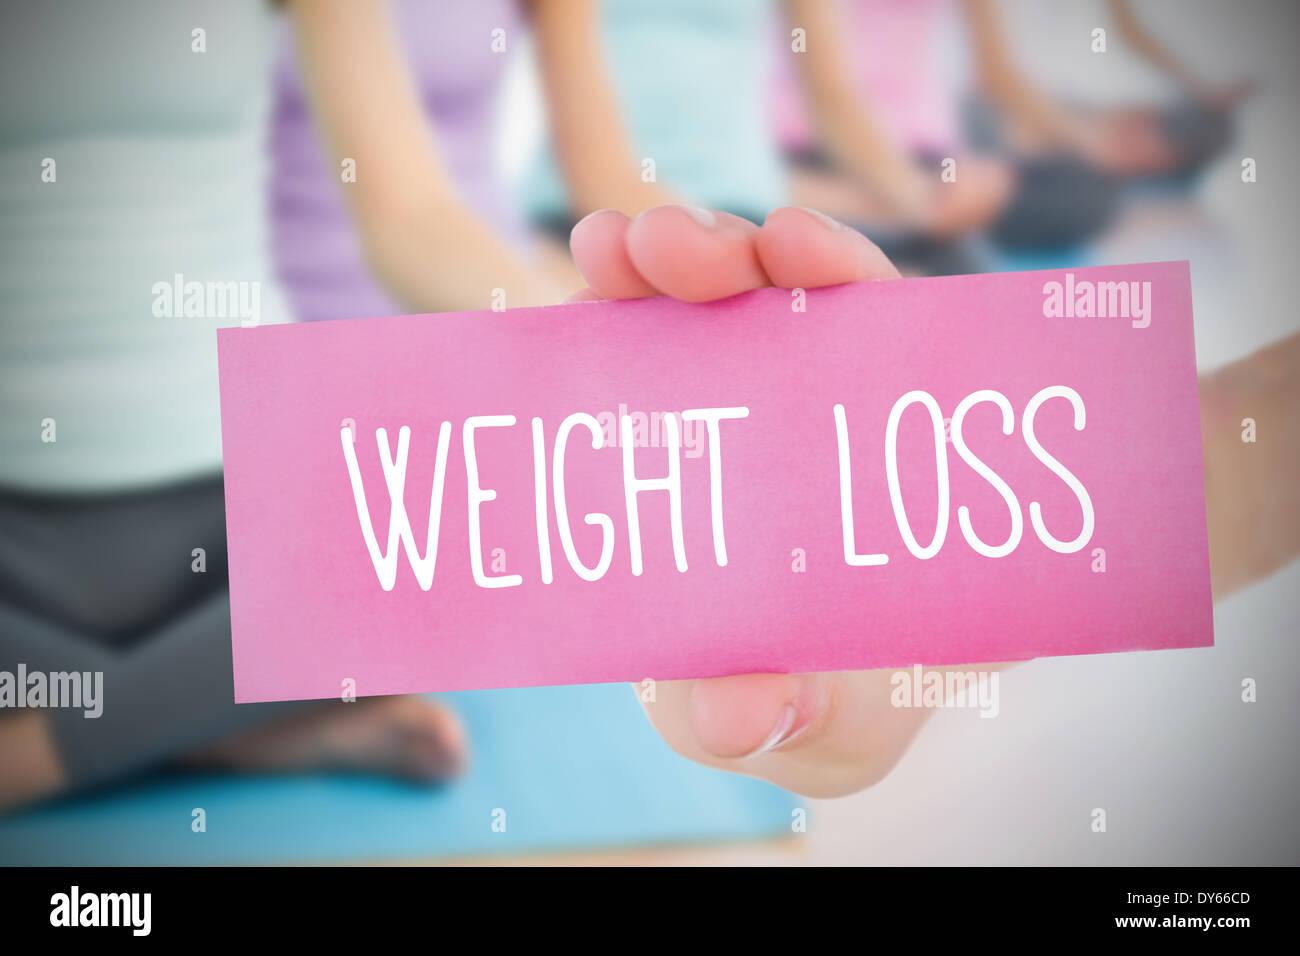 Frau mit rosa Karte sagen Gewichtsverlust Stockbild